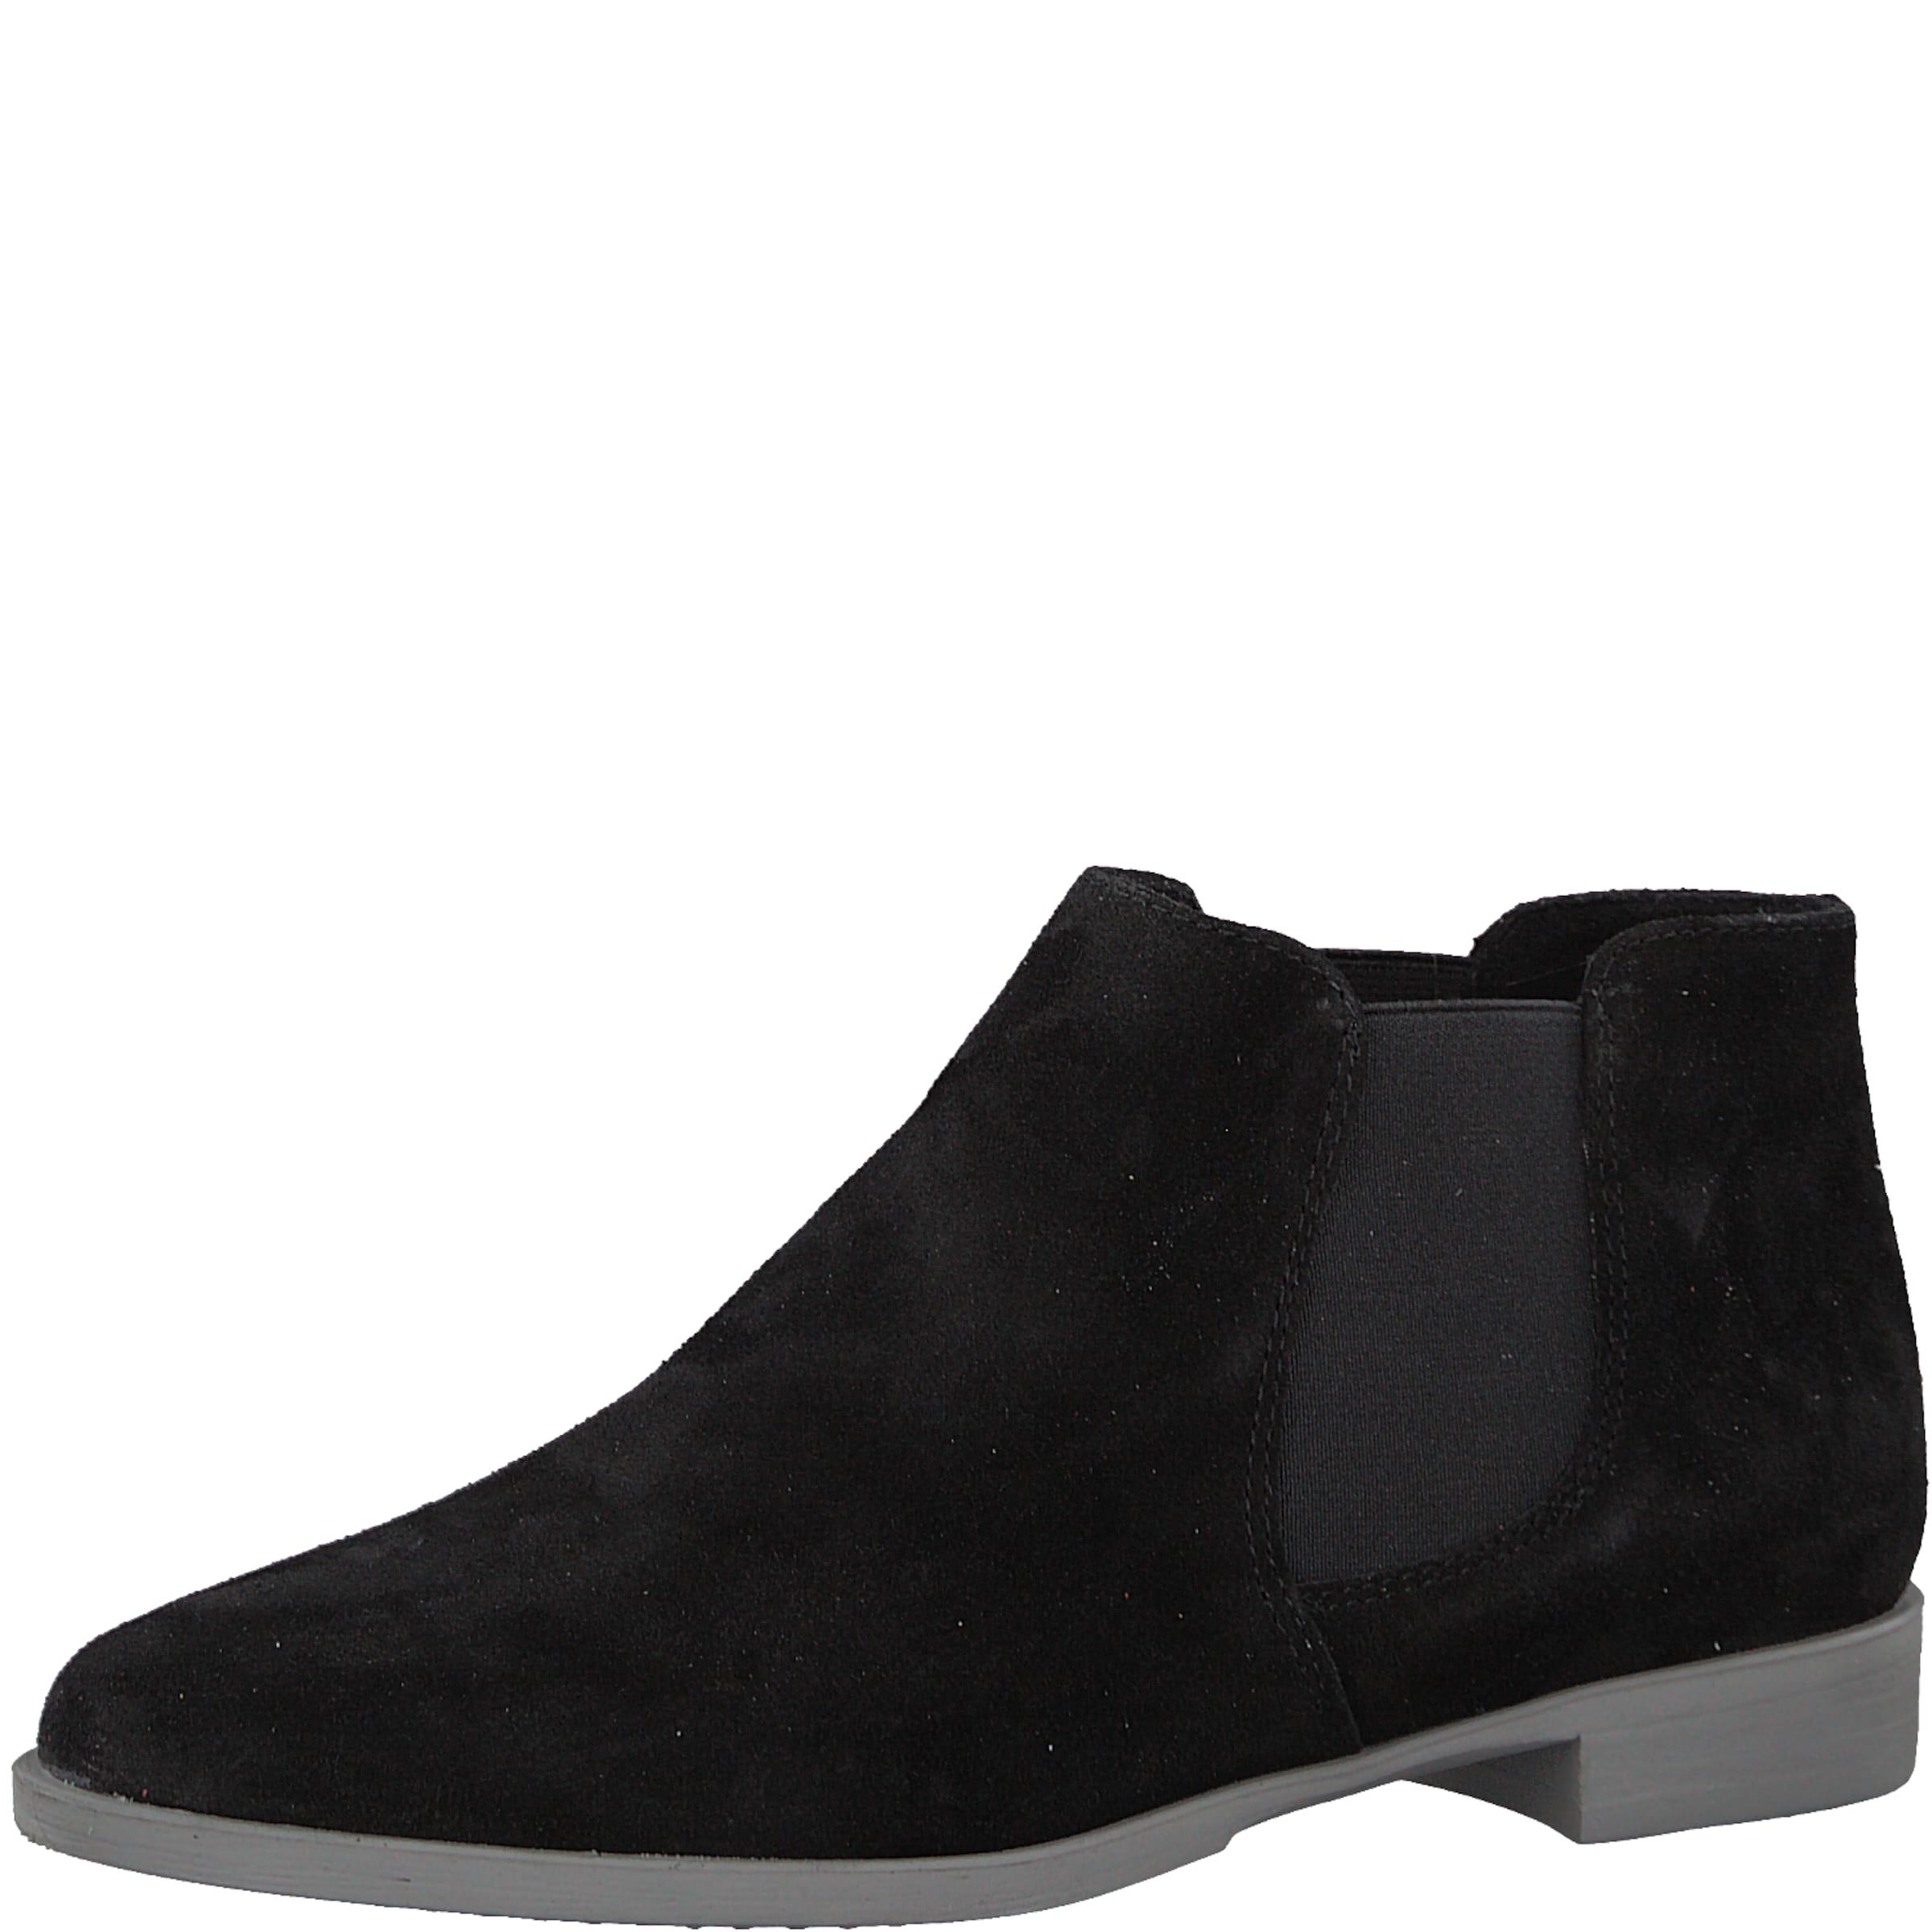 TAMARIS Chelsea Boots Günstige und langlebige Schuhe